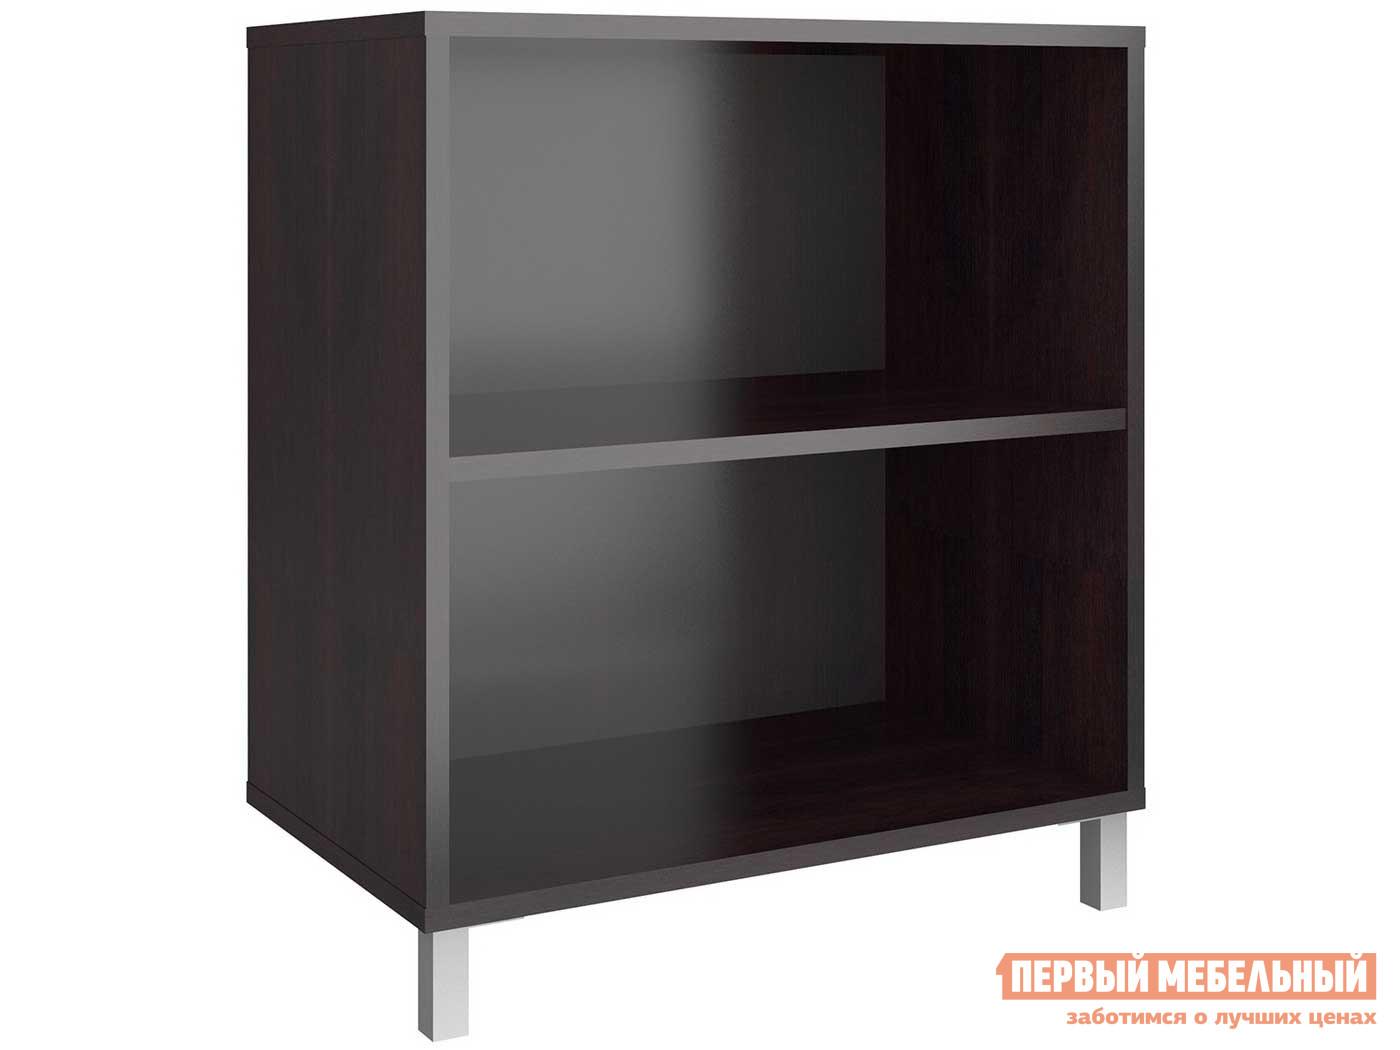 Каркас шкафа Первый Мебельный Каркас высокий, Прадо цена в Москве и Питере